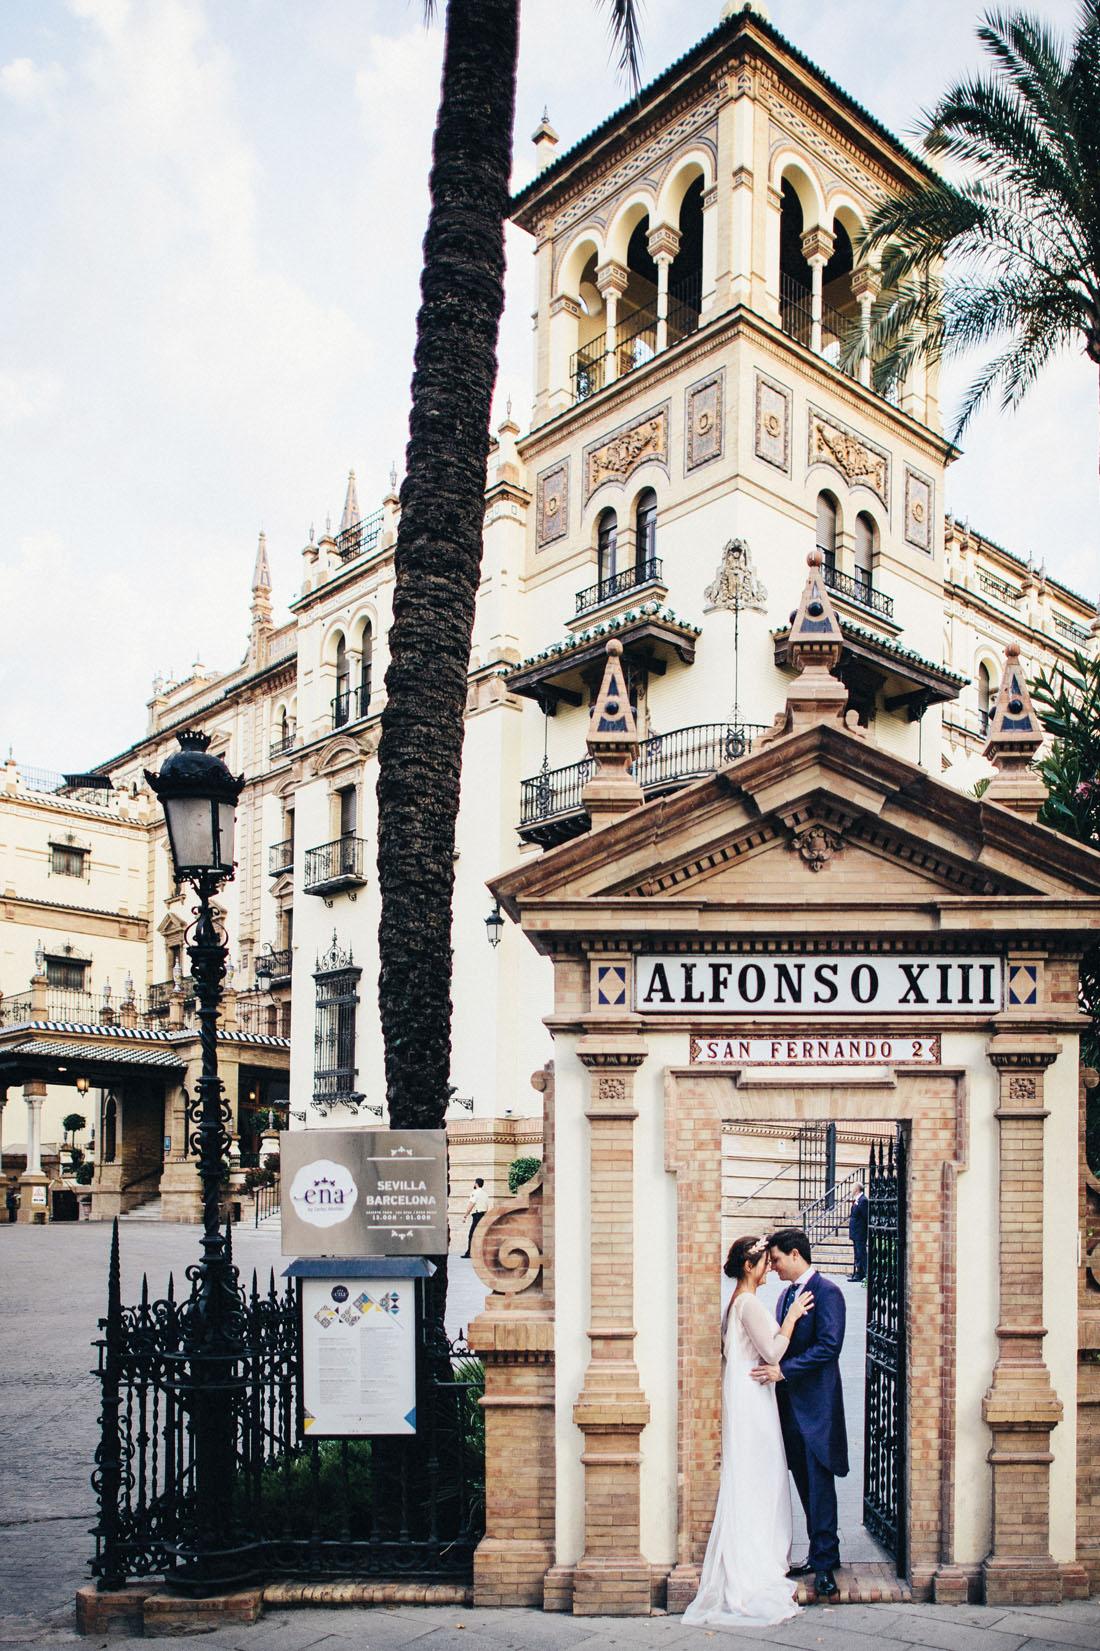 Boda Sevilla Mimoki Jesus Peiró Fotografo de bodas madrid Will Marsala - 021